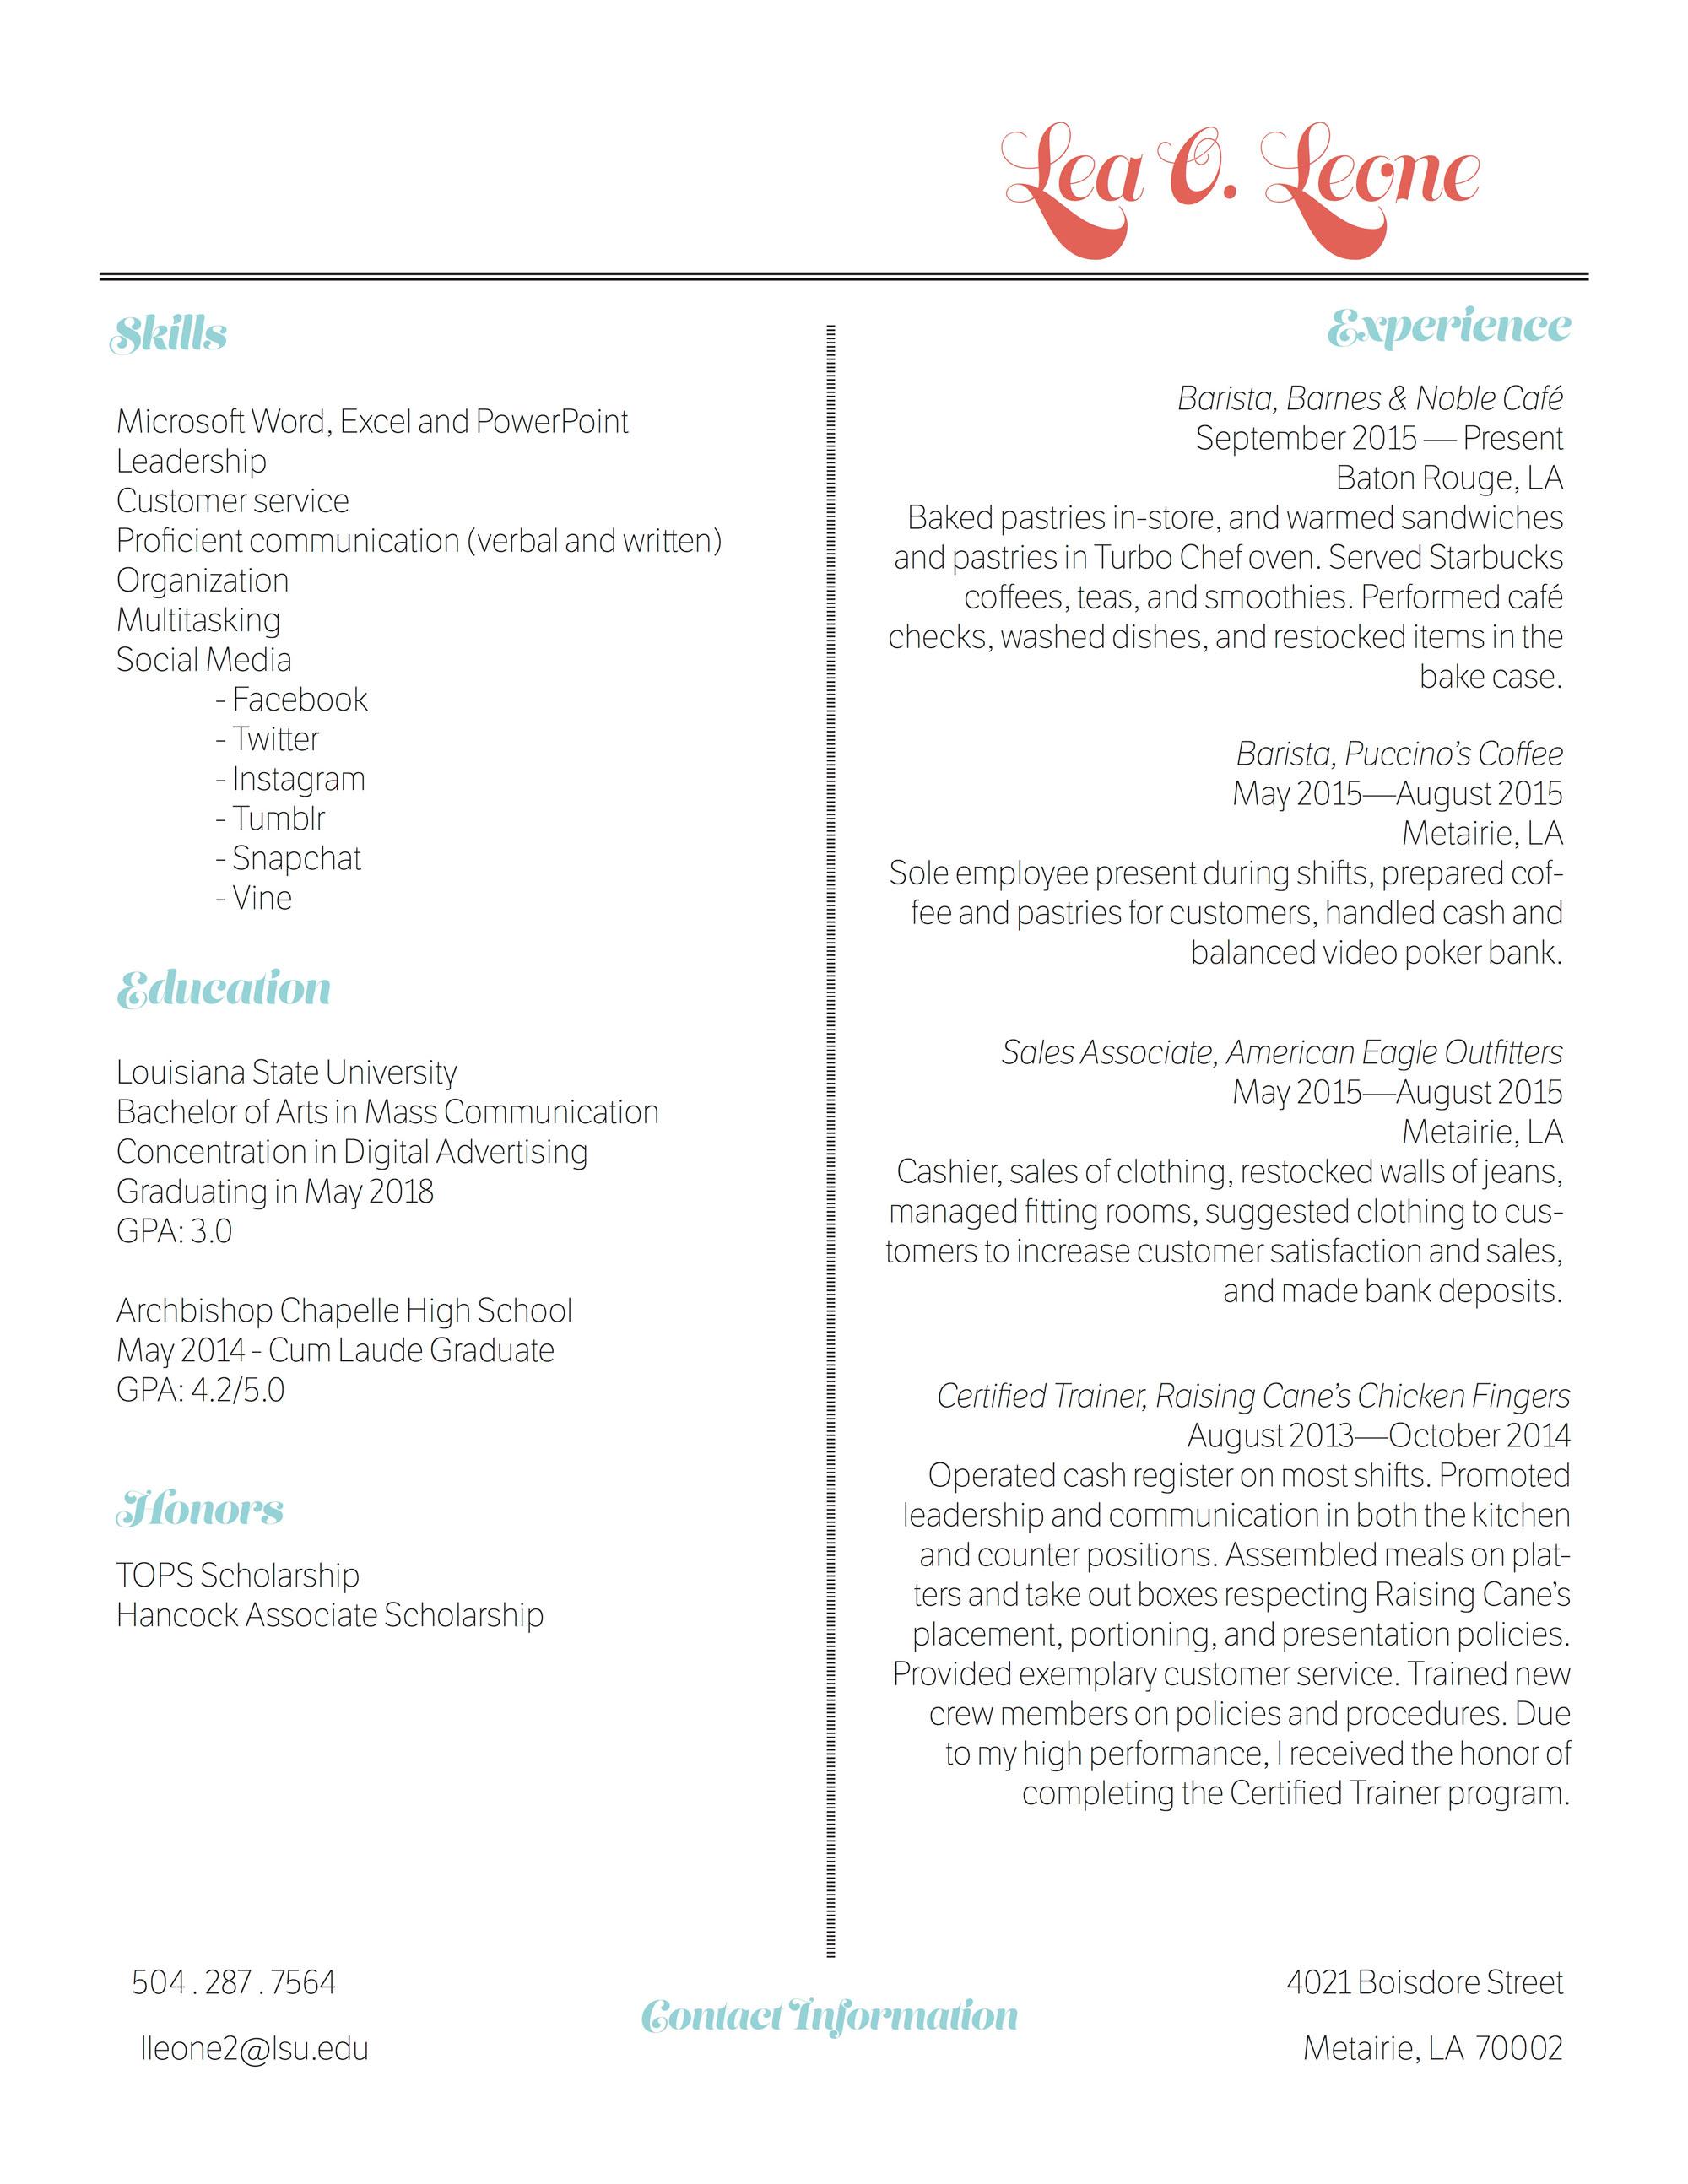 Resume---Lea-Leone